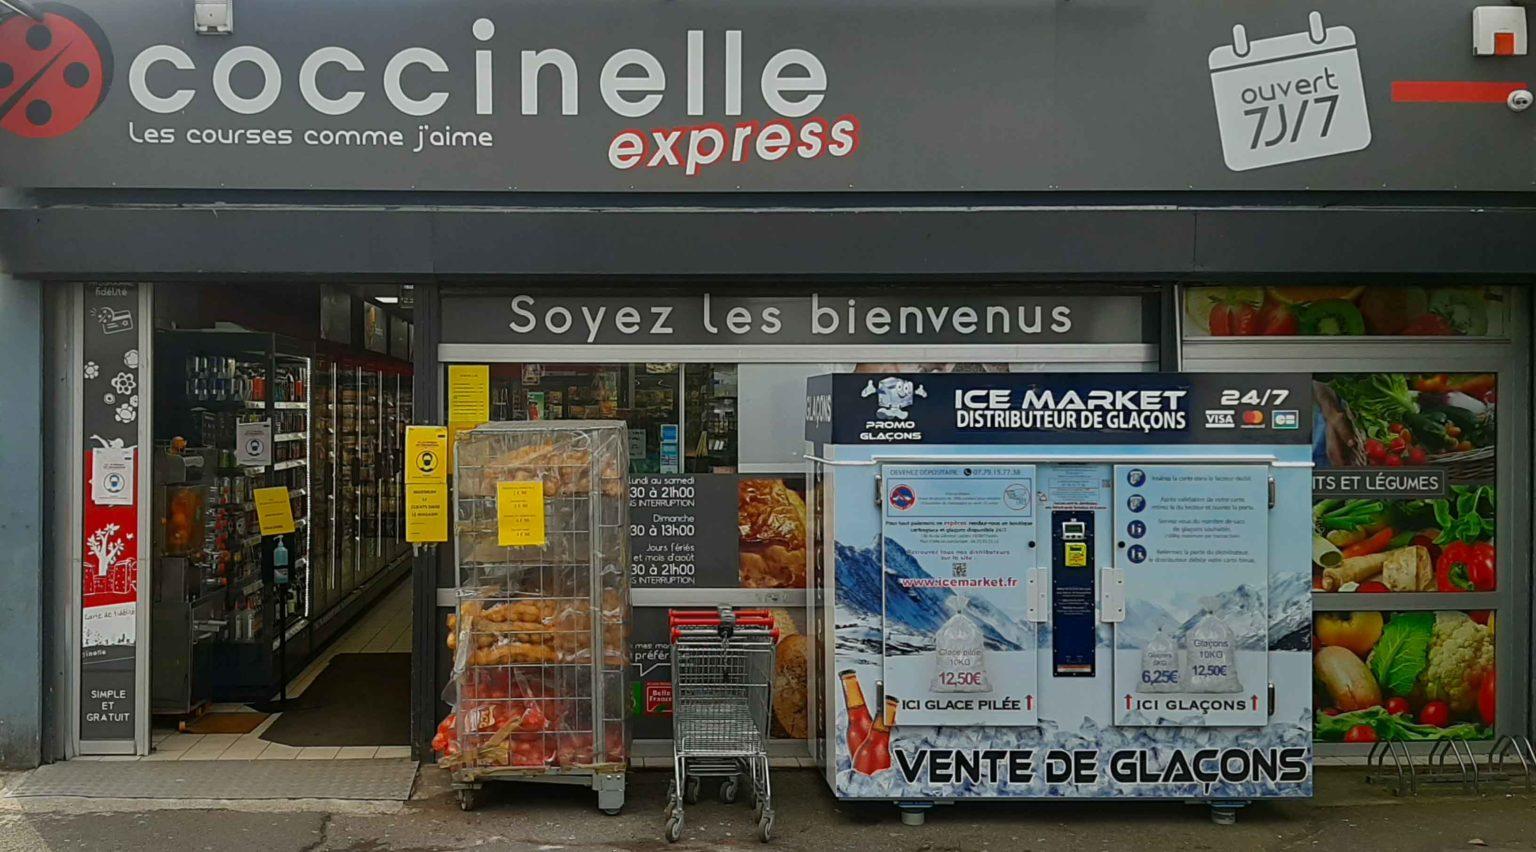 Distribteur-automatique-de-glacons-et-glace-pilee-coccinelle-Express-Villejuif